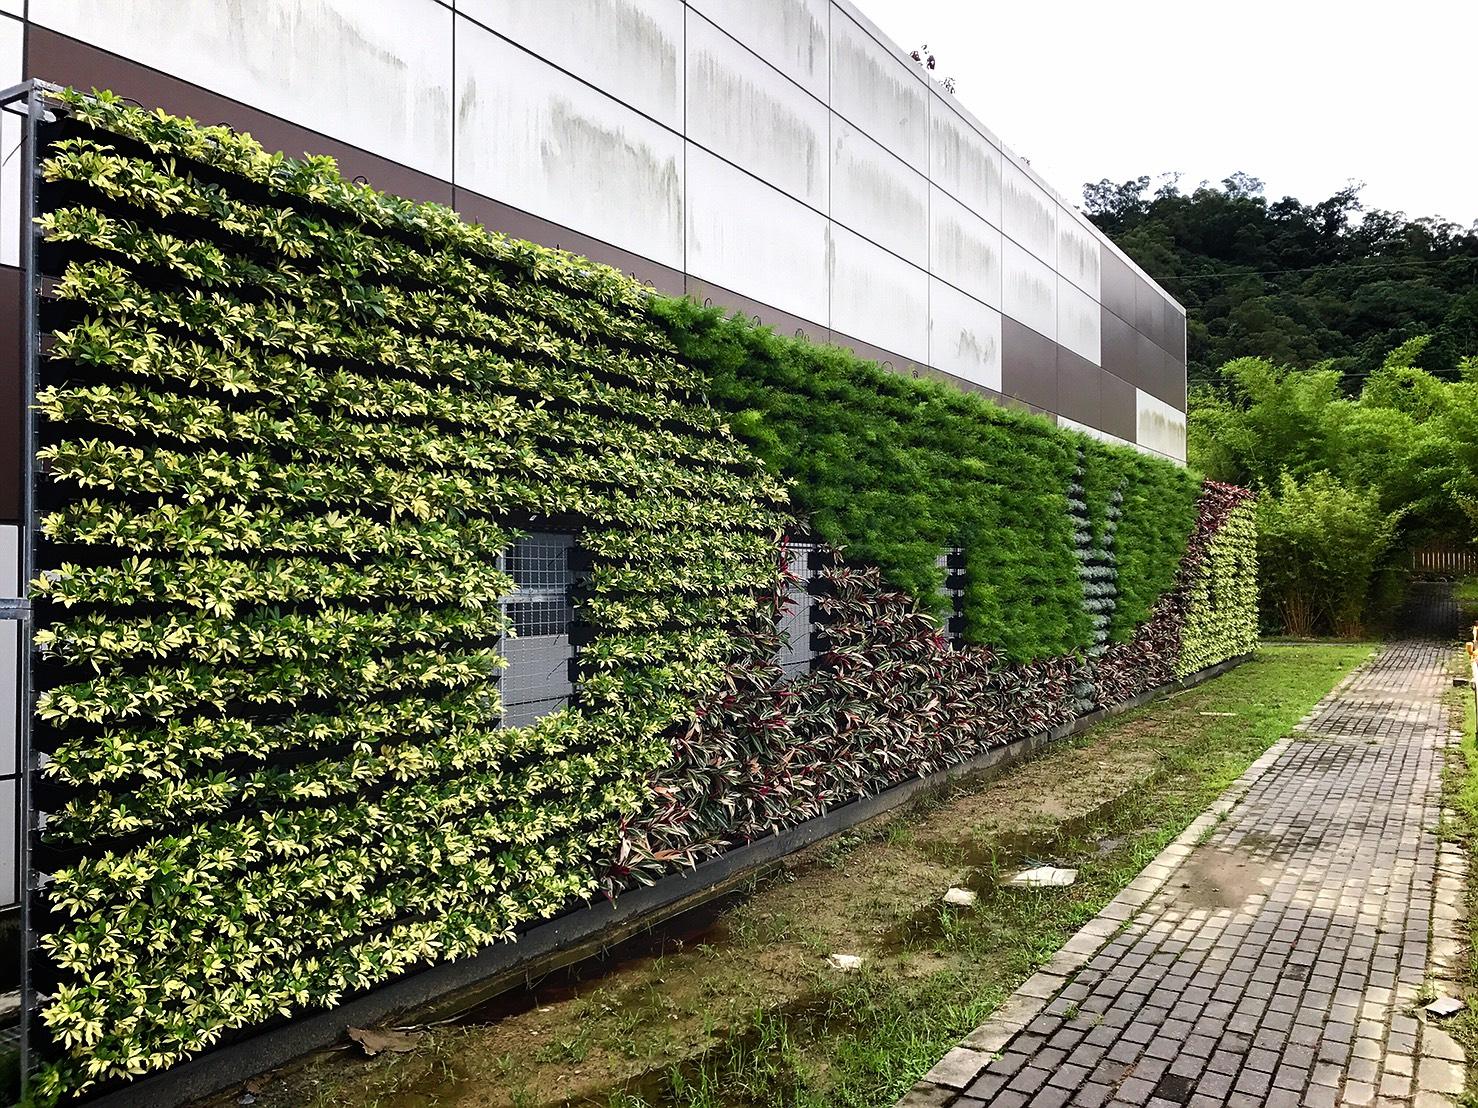 威明谷GreenWall【創新的模組化綠牆】立體植栽牆(植生牆.花牆.綠圍籬): 七月 2017